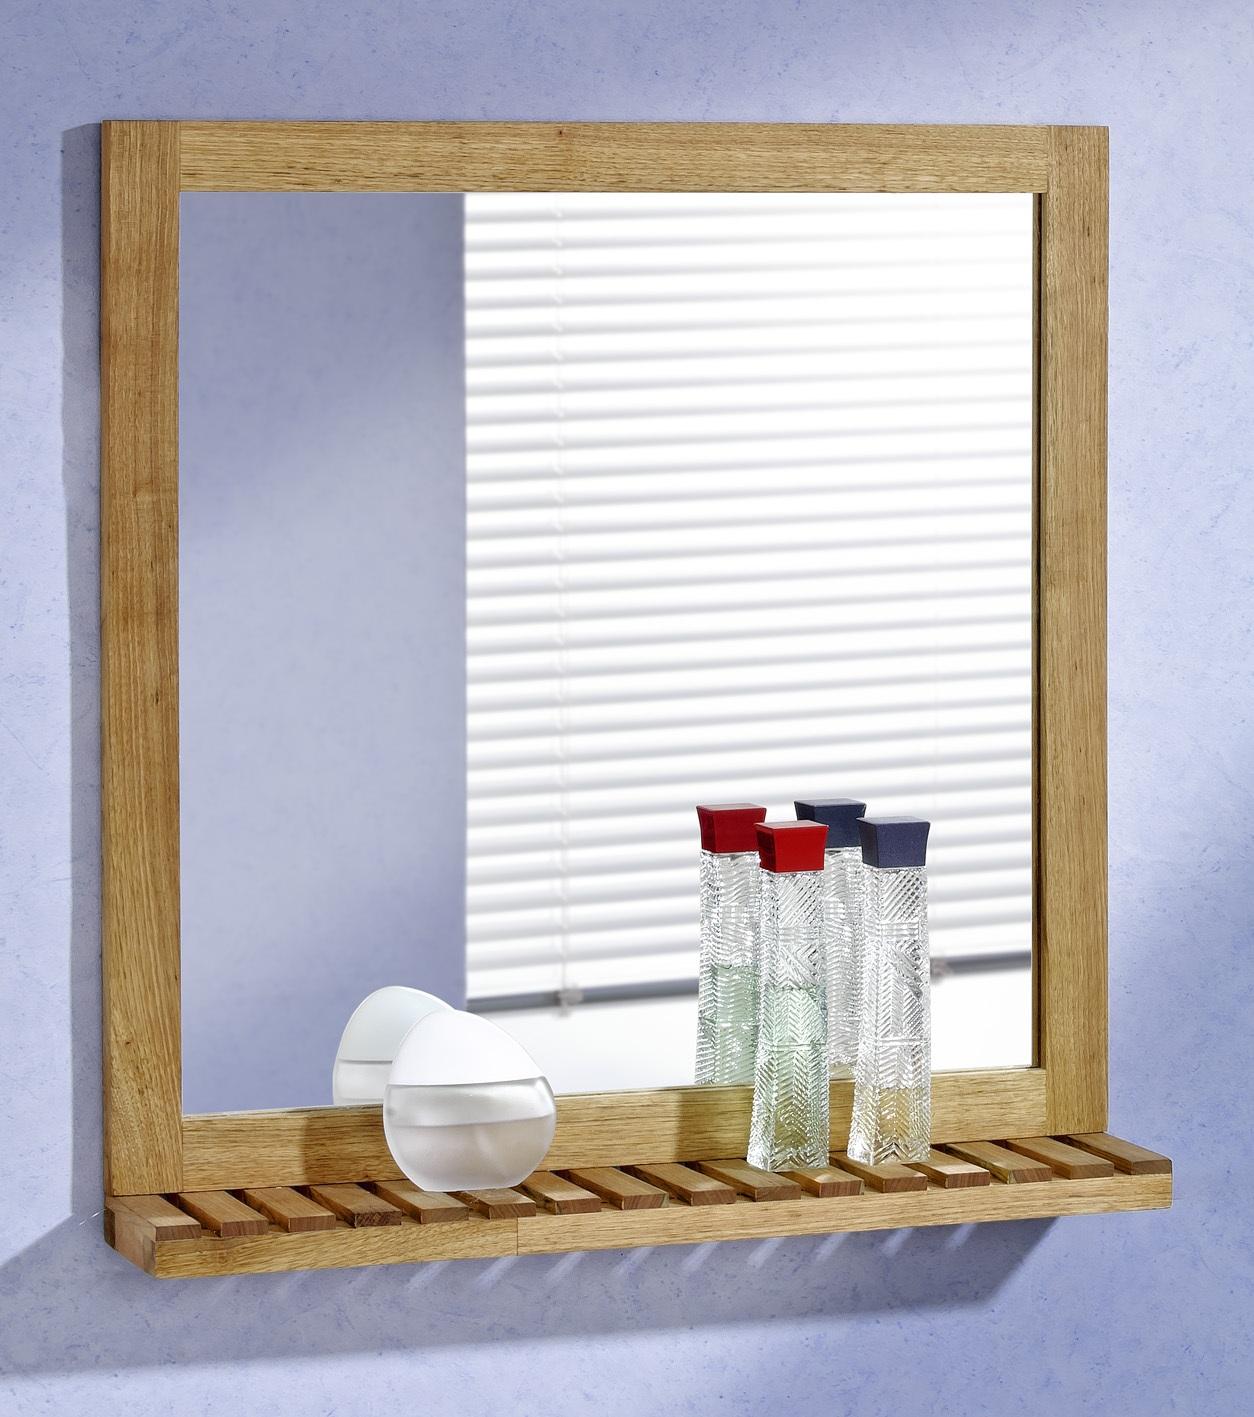 Wandspiegel mit Ablage, 60x63, Walnuss Holz Spiegel eBay